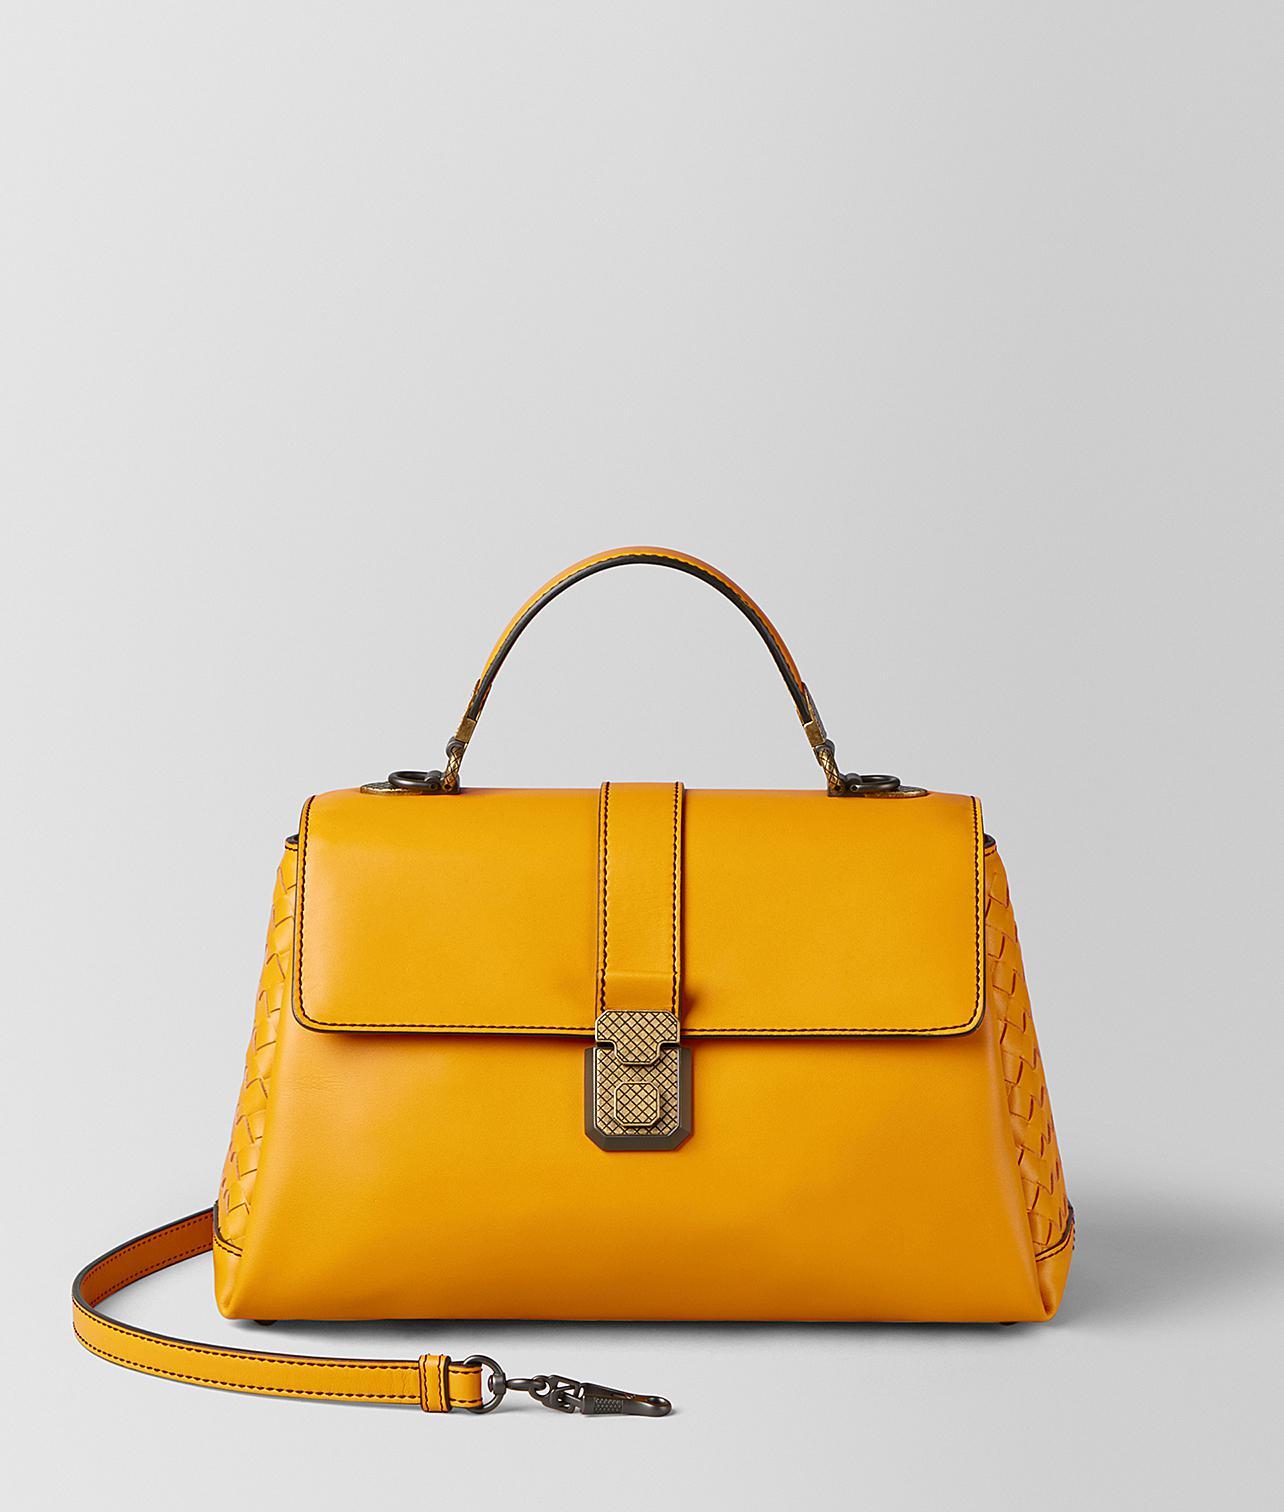 7cf36c39cf Bottega Veneta Sunset Calf Piazza Bag in Yellow - Lyst